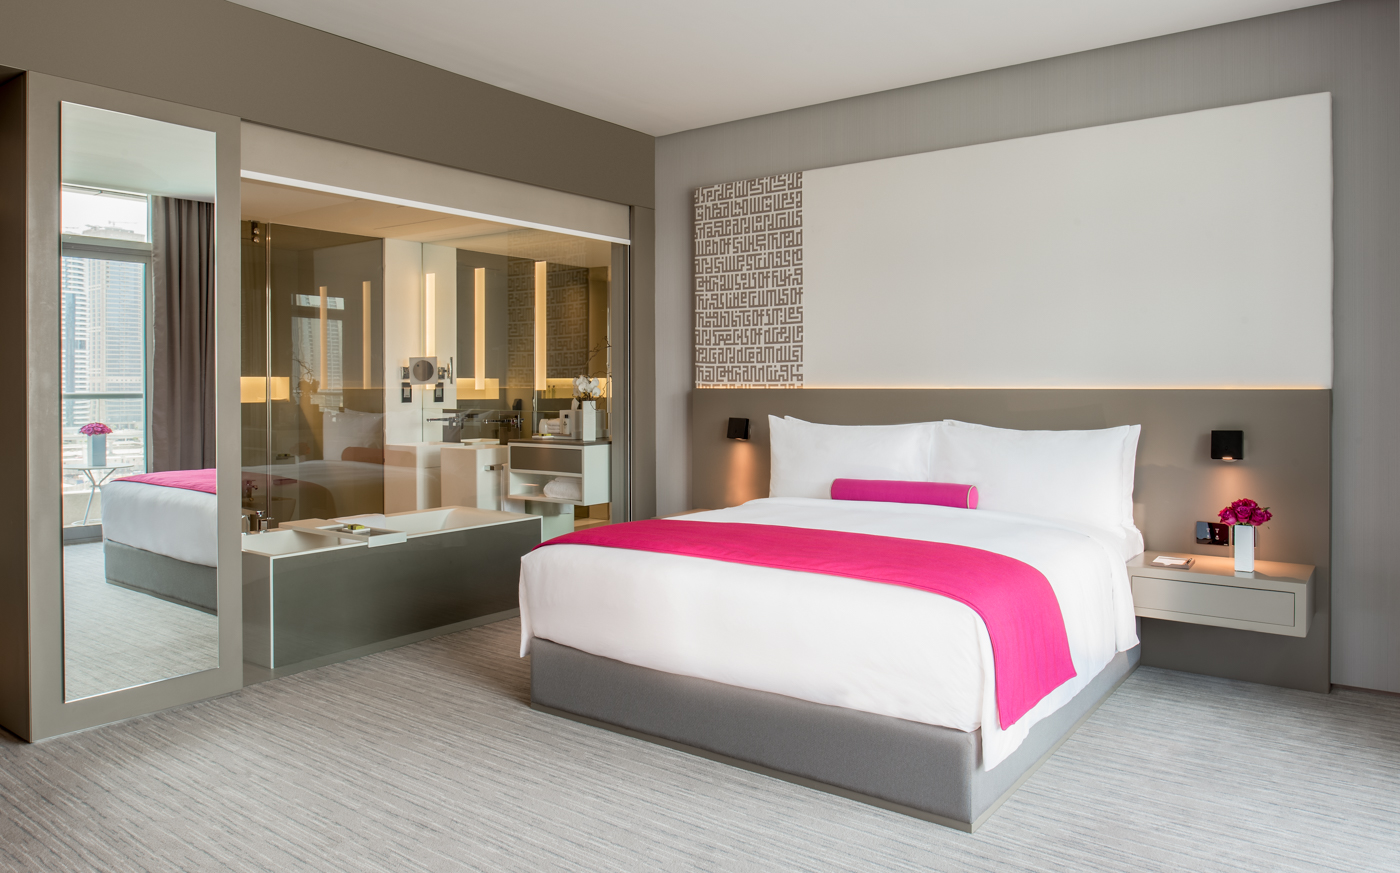 Room 902 Bedroom View 2-Edit.jpg